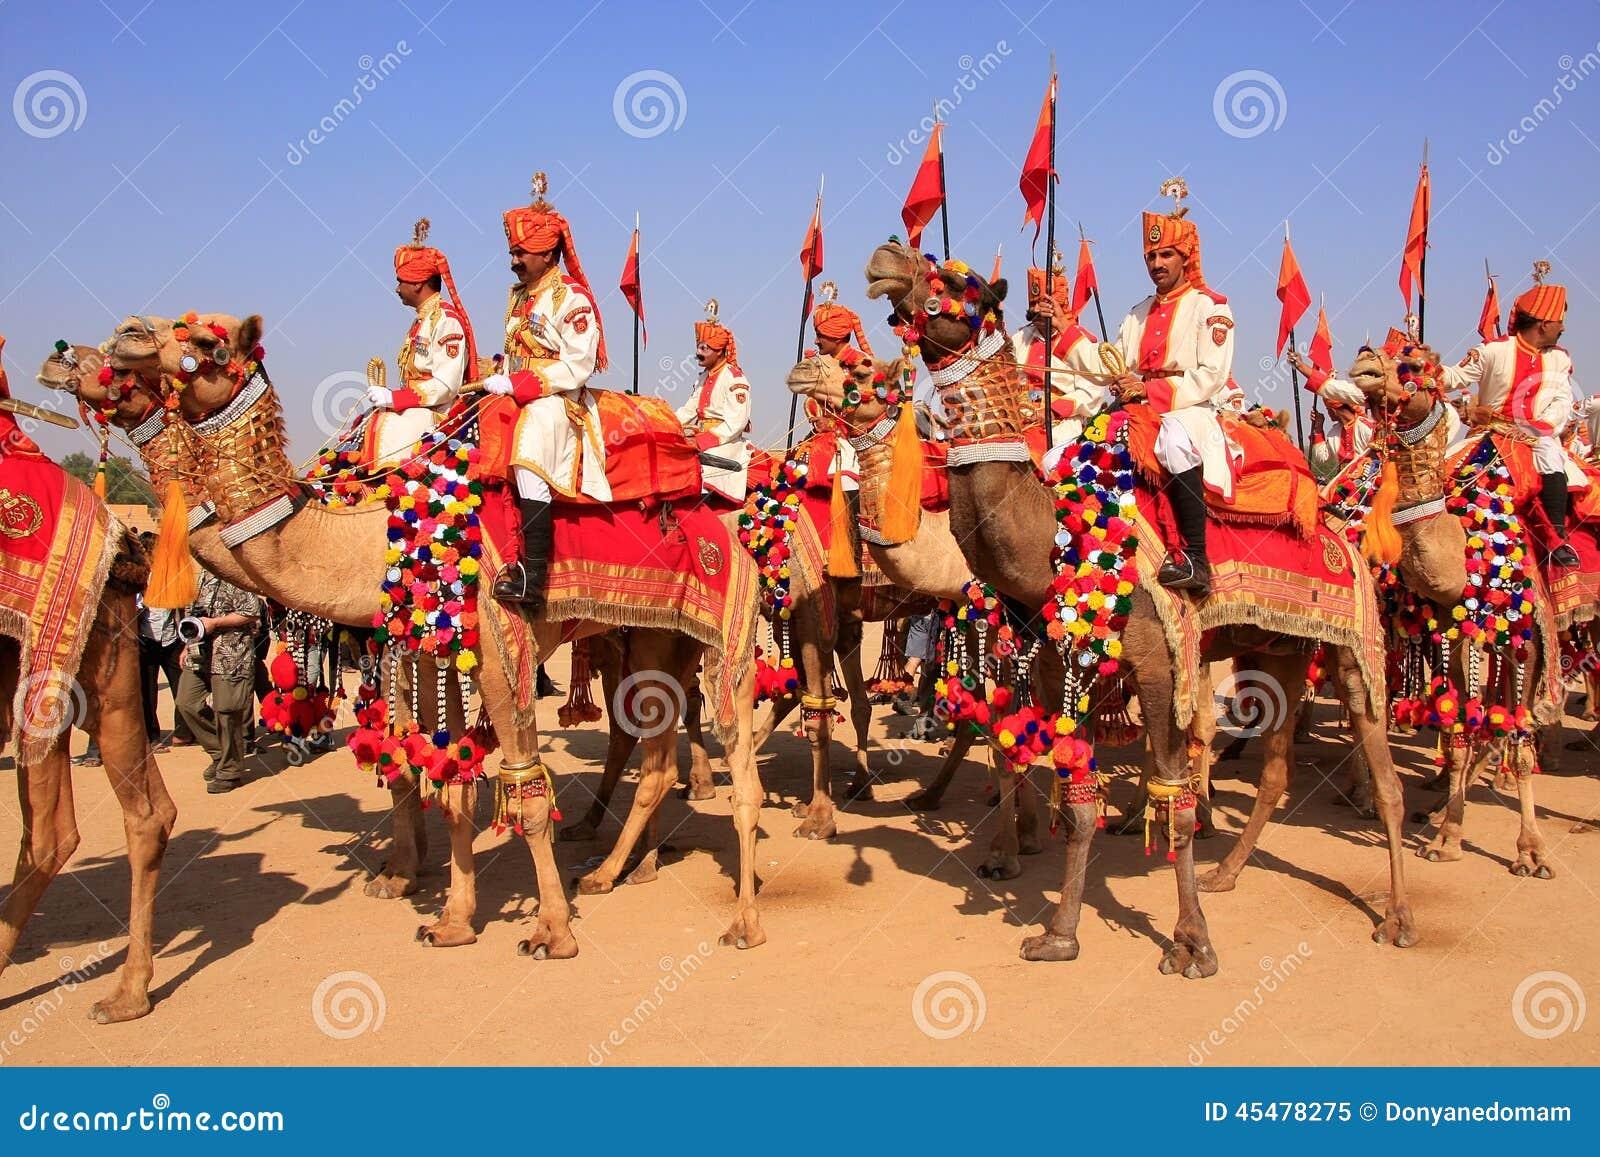 在沙漠节日的骆驼队伍, Jaisalmer,印度